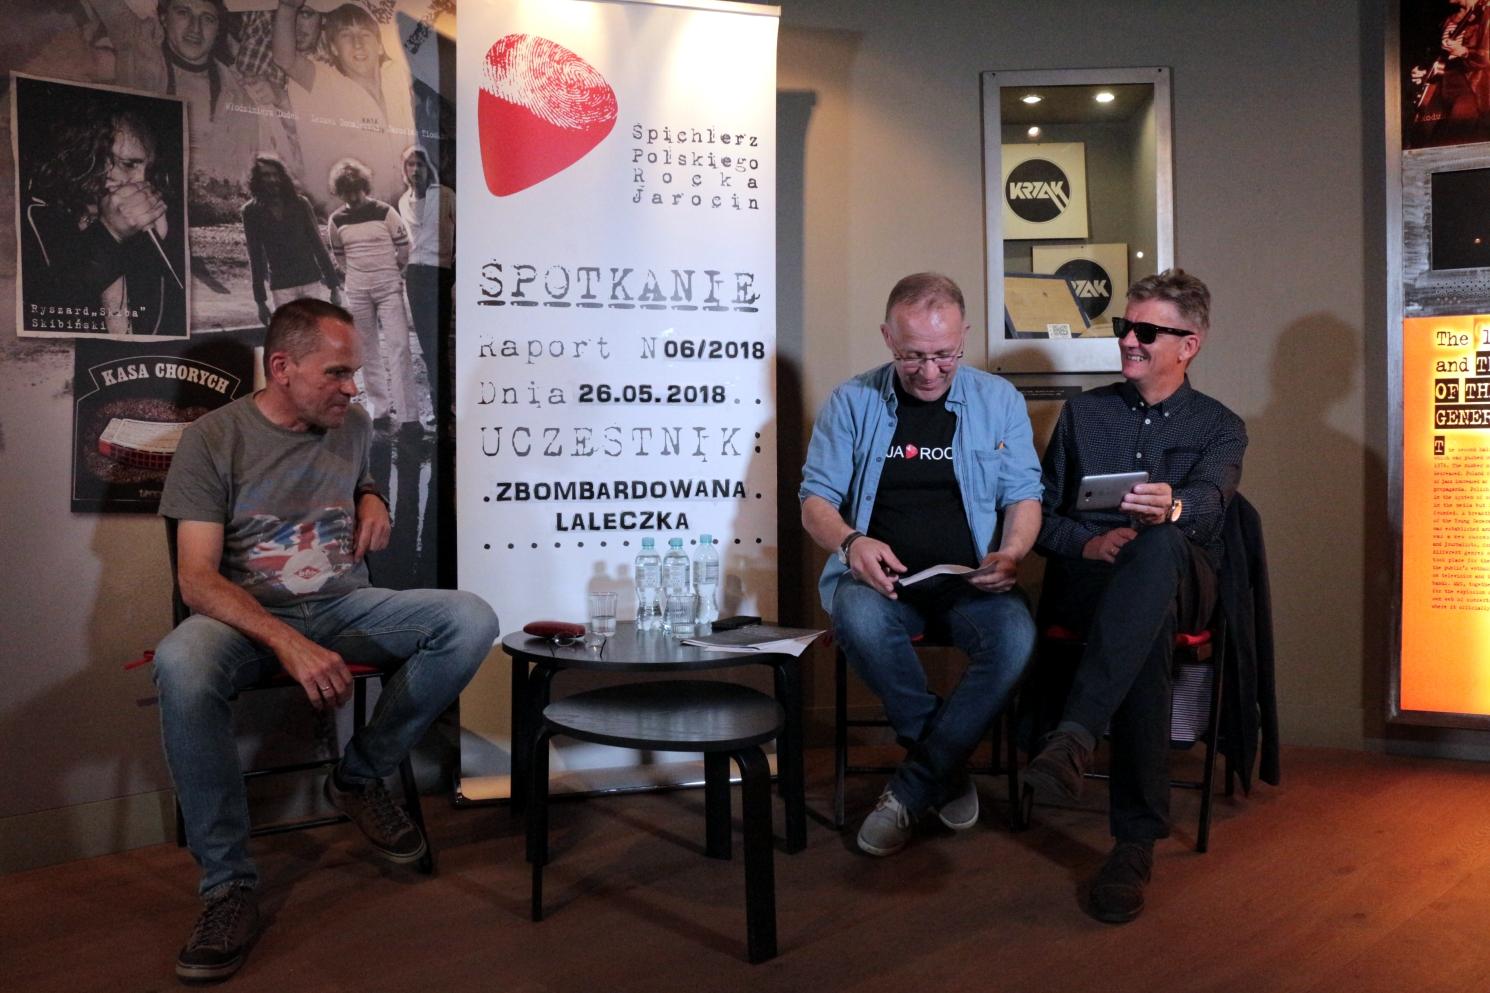 Spotkanie z zespołem Zbombardowana Laleczka 2